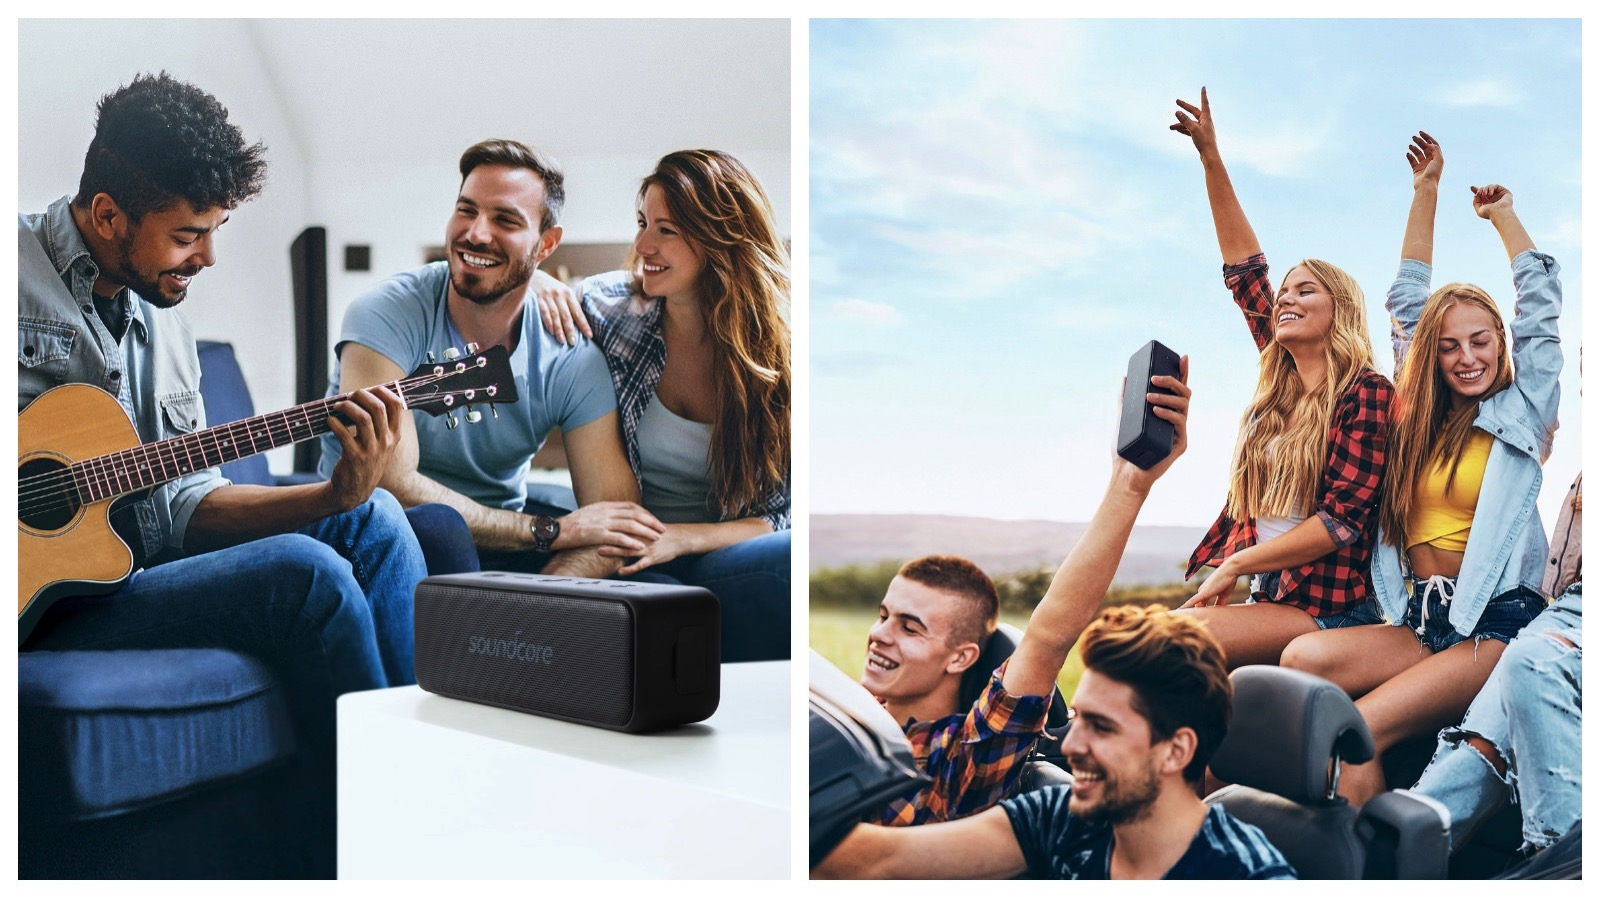 Anker Soundcore Motion B Wireless Speaker 2